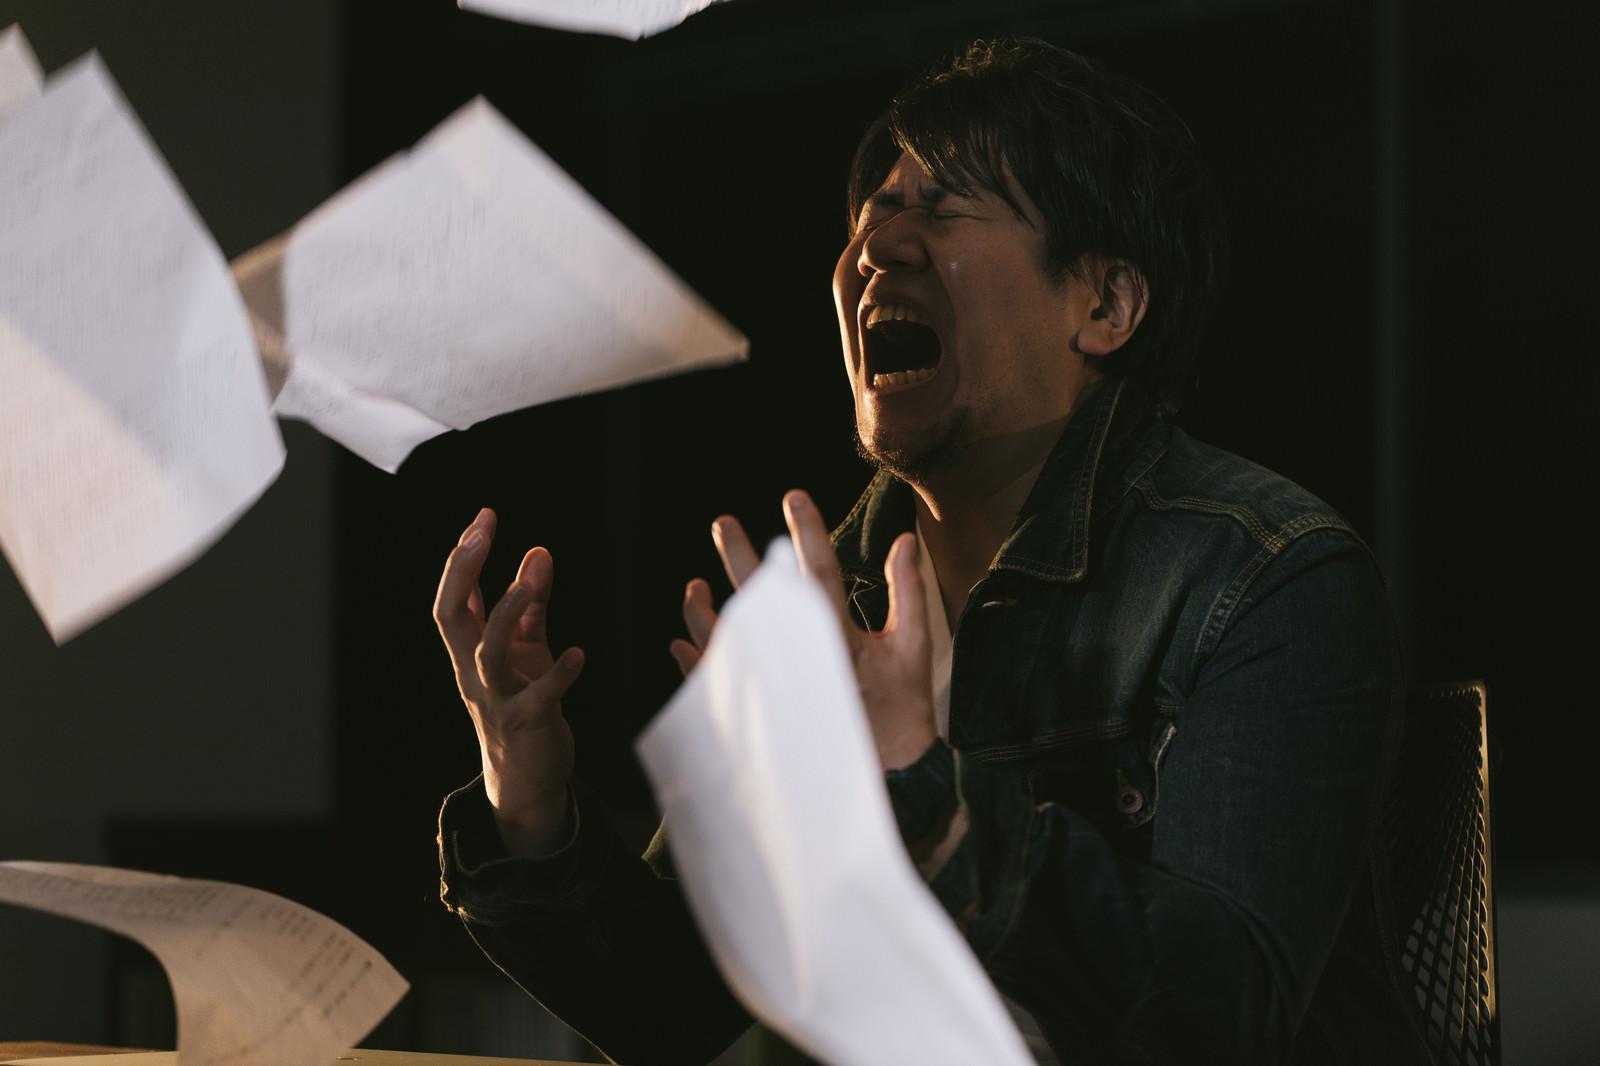 「締切間に合わず原稿を投げ捨てる記者」の写真[モデル:朽木誠一郎]